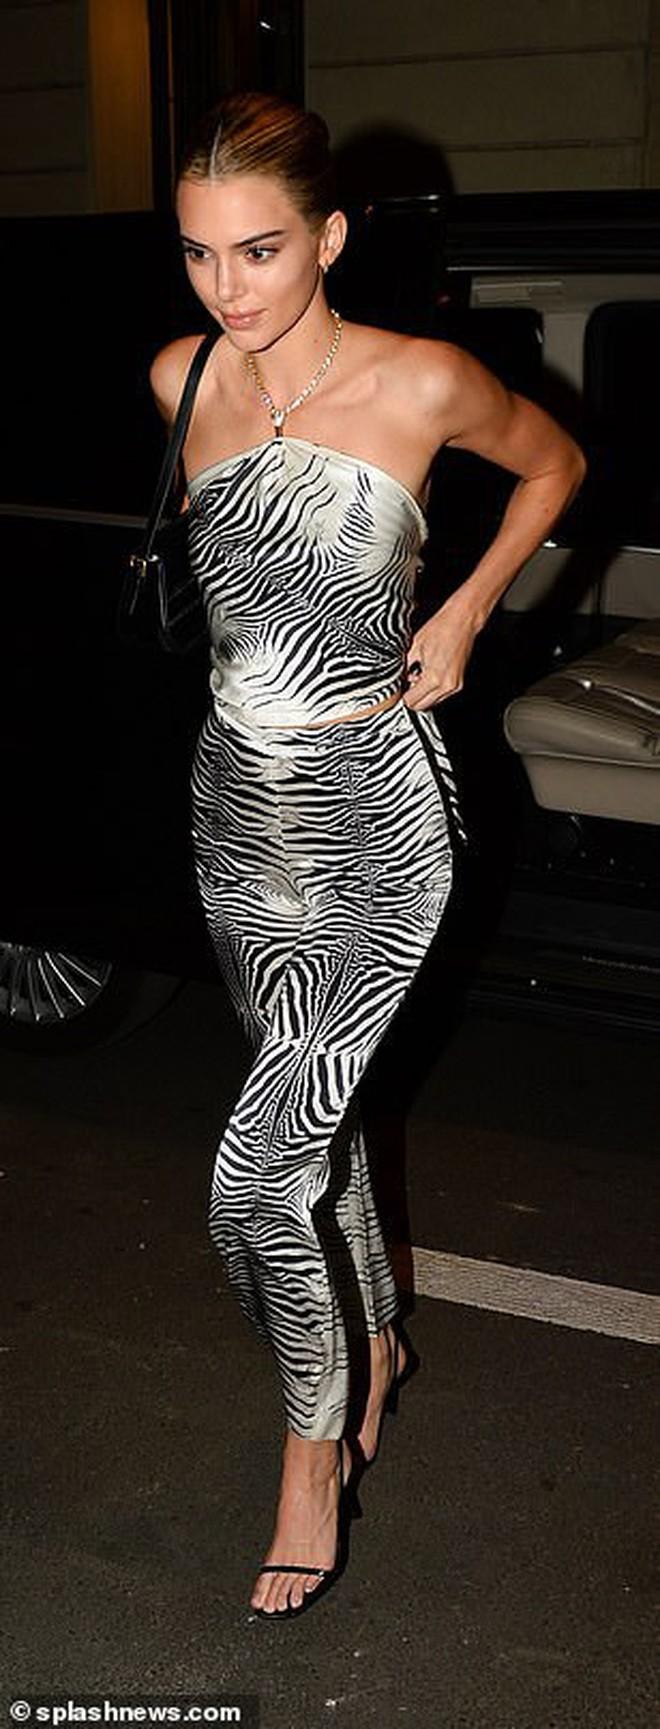 Xuất hiện đối thủ của cặp chân dài thế hệ mới Kendall Jenner và Gigi Hadid: Sắc vóc và gia thế đều không thua kém - ảnh 9